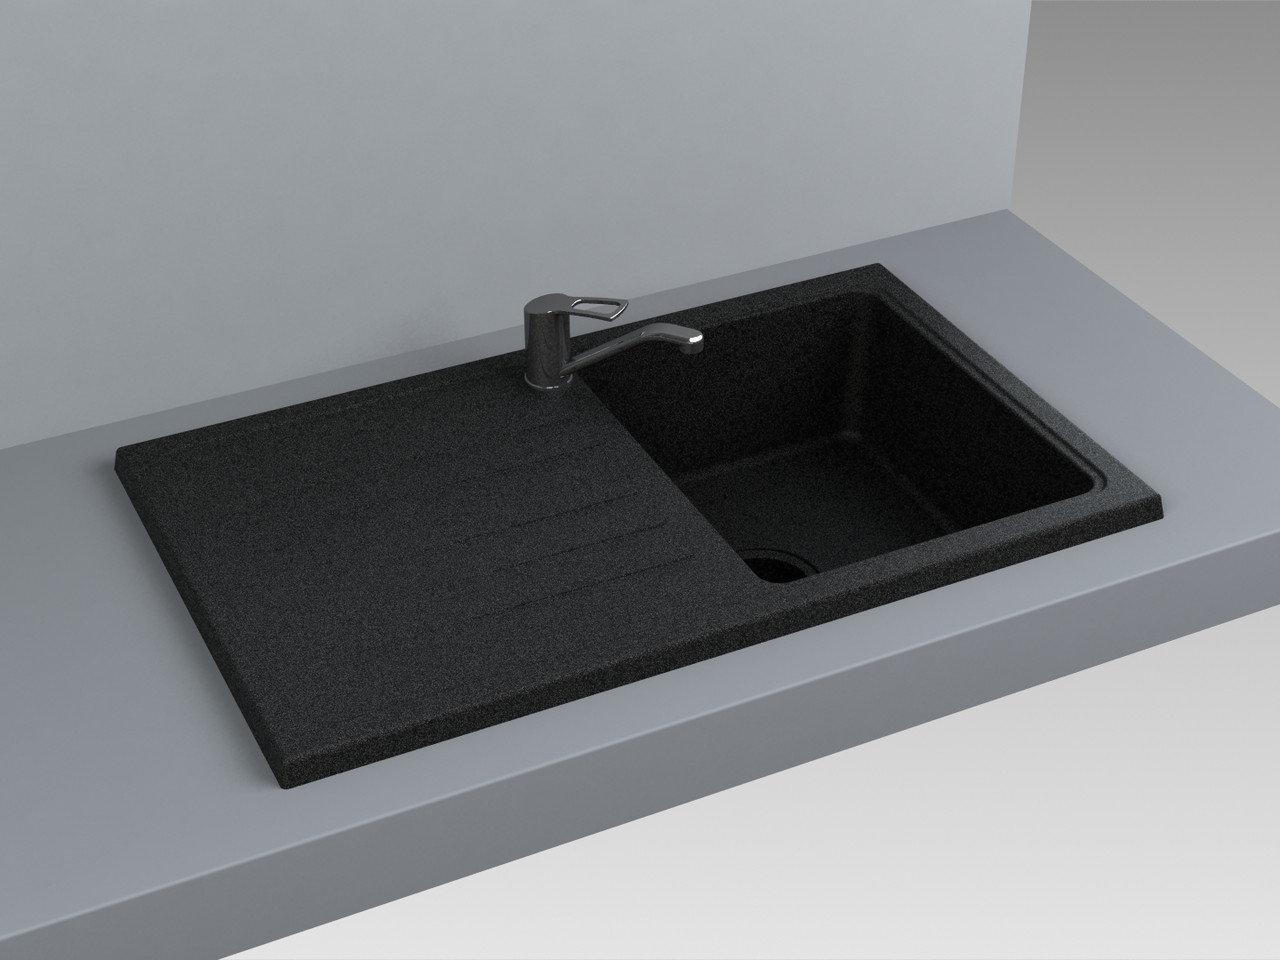 Кухонная мойка Miraggio Versal Black